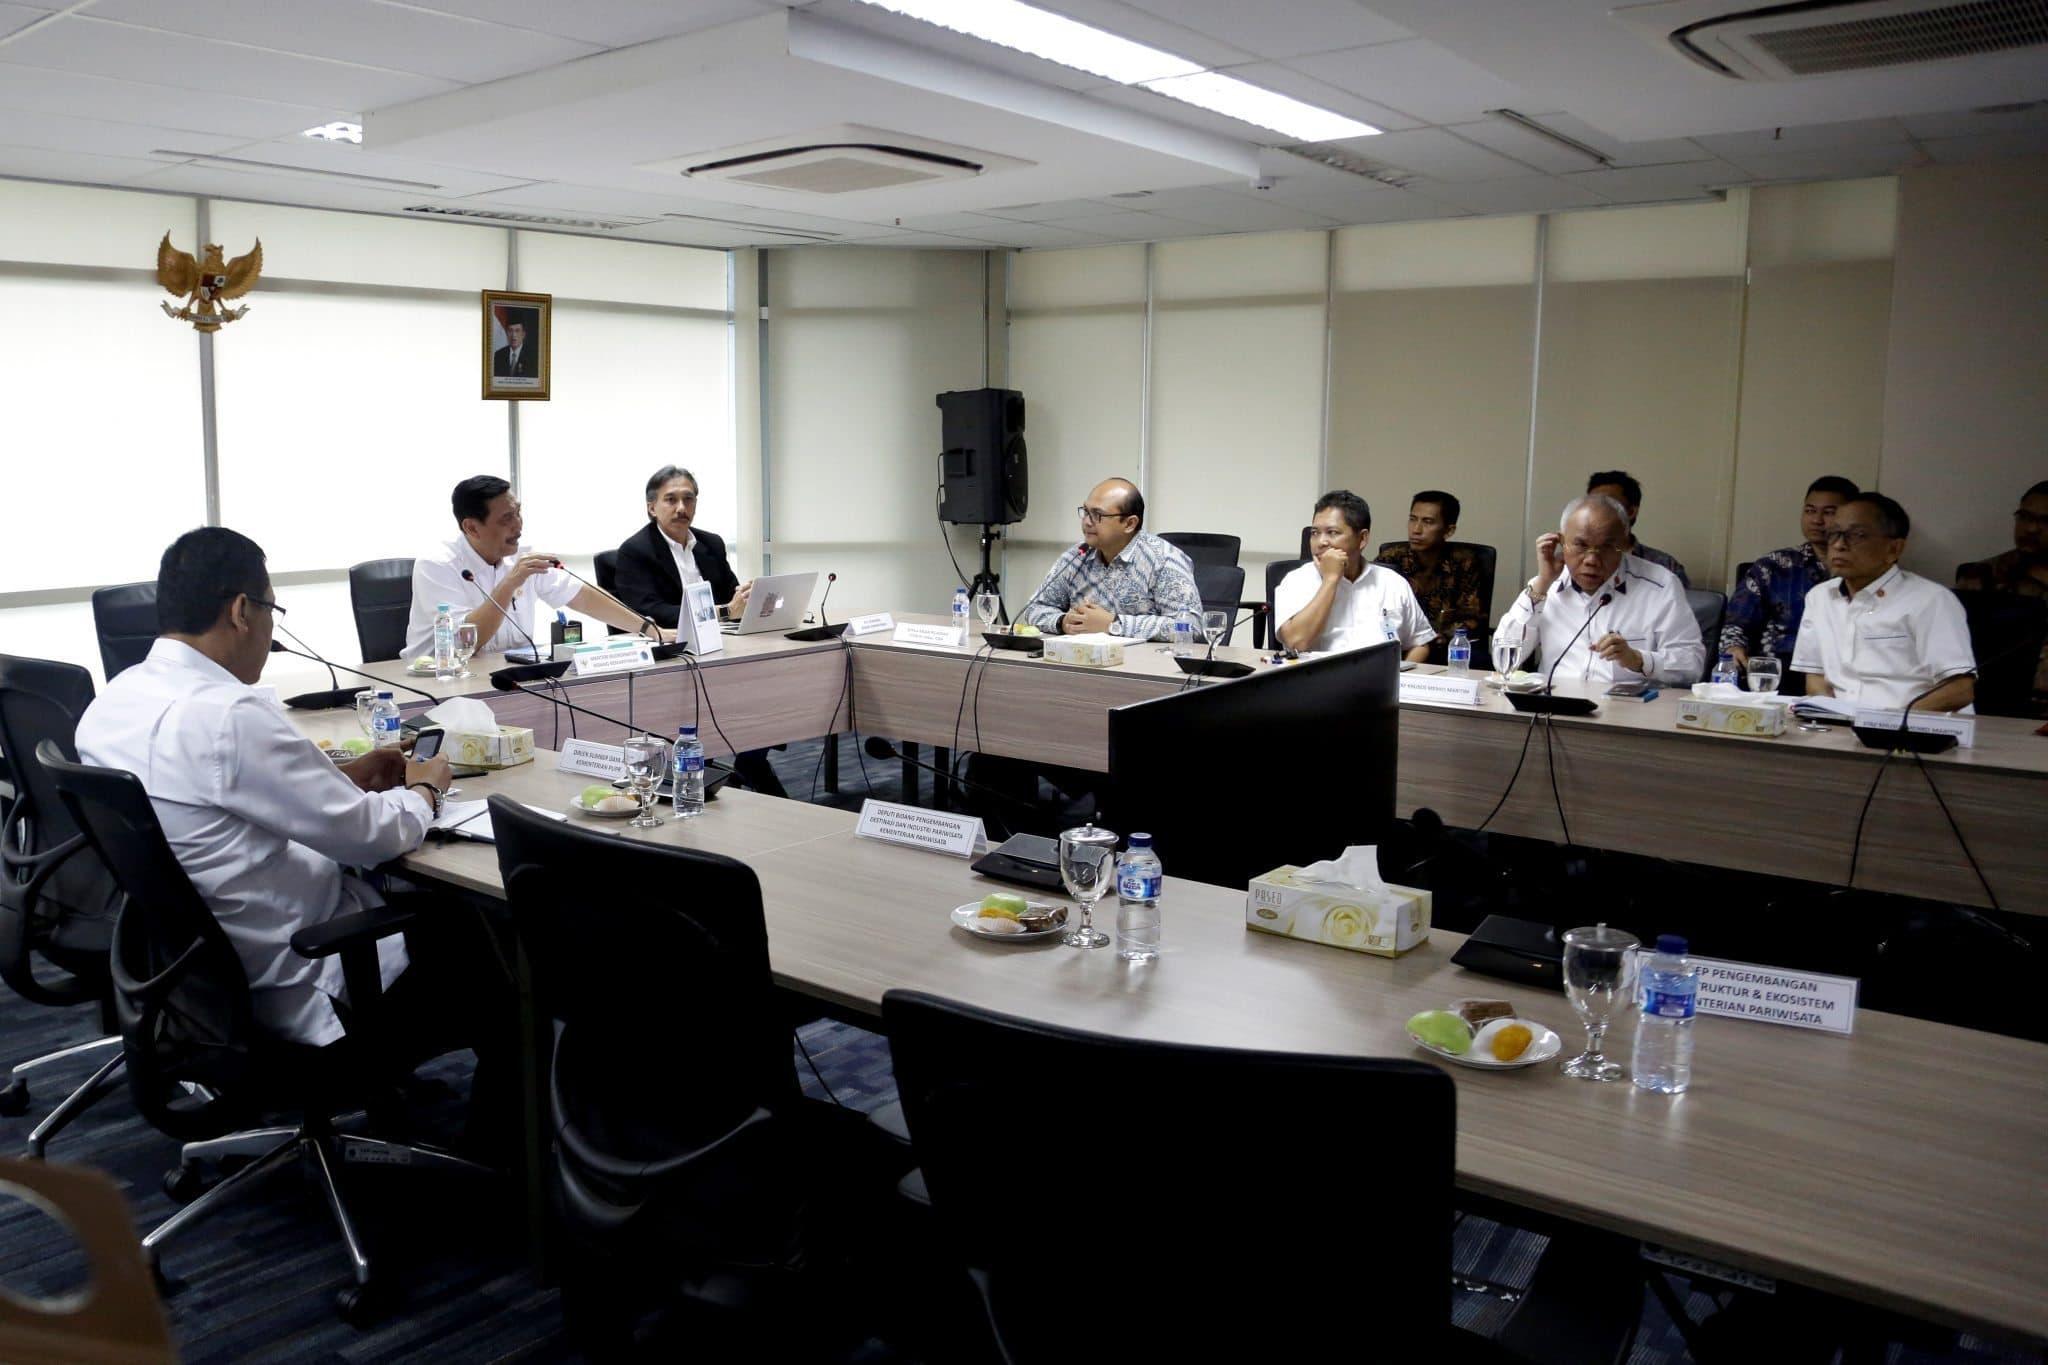 Menko Bidang Kemaritiman, Luhut B. Pandjaitan pimpin Rapat Koordinasi Sinergitas Pembangunan dan Pengelolaan Kawasan Pariwisata Danau Toba